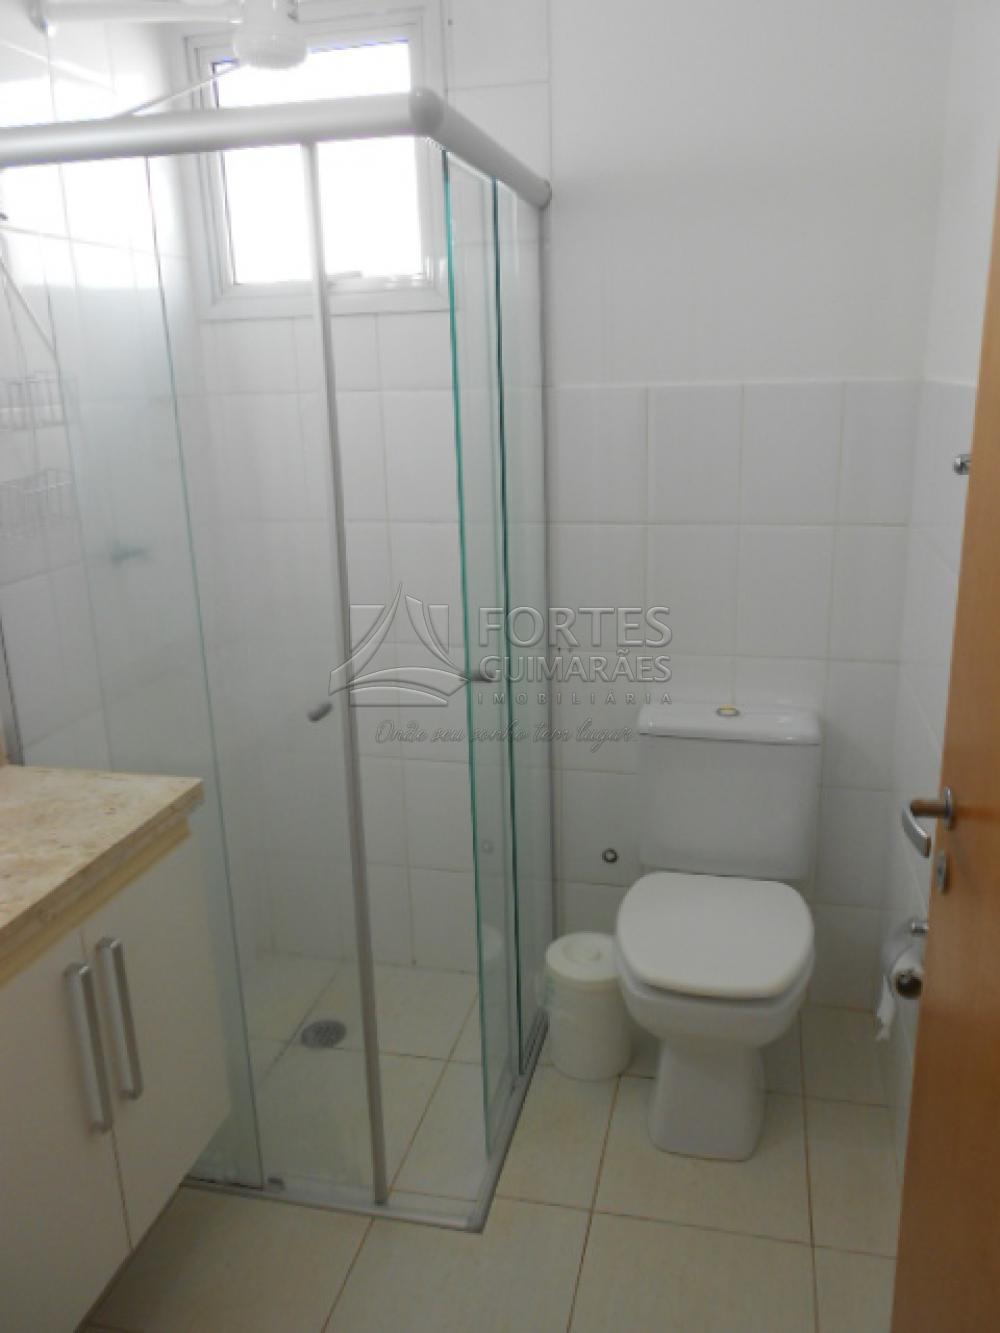 Alugar Apartamentos / Padrão em Ribeirão Preto apenas R$ 900,00 - Foto 15